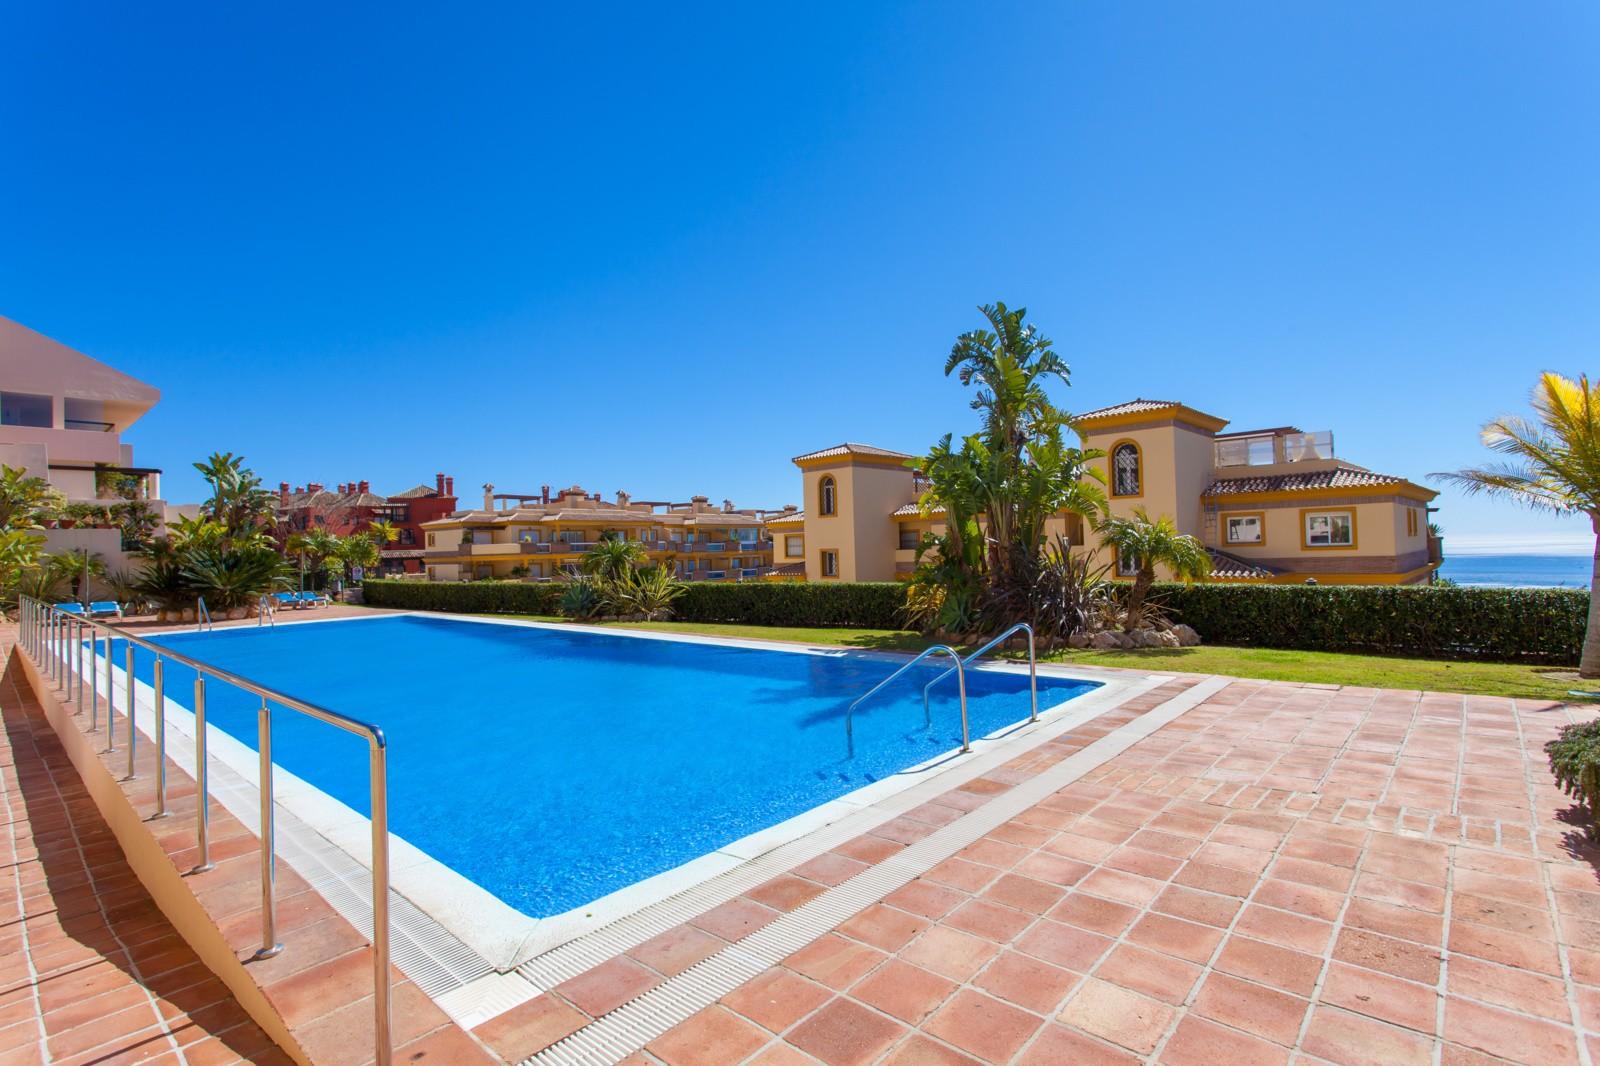 Apartment in Calahonda MA7636610 17